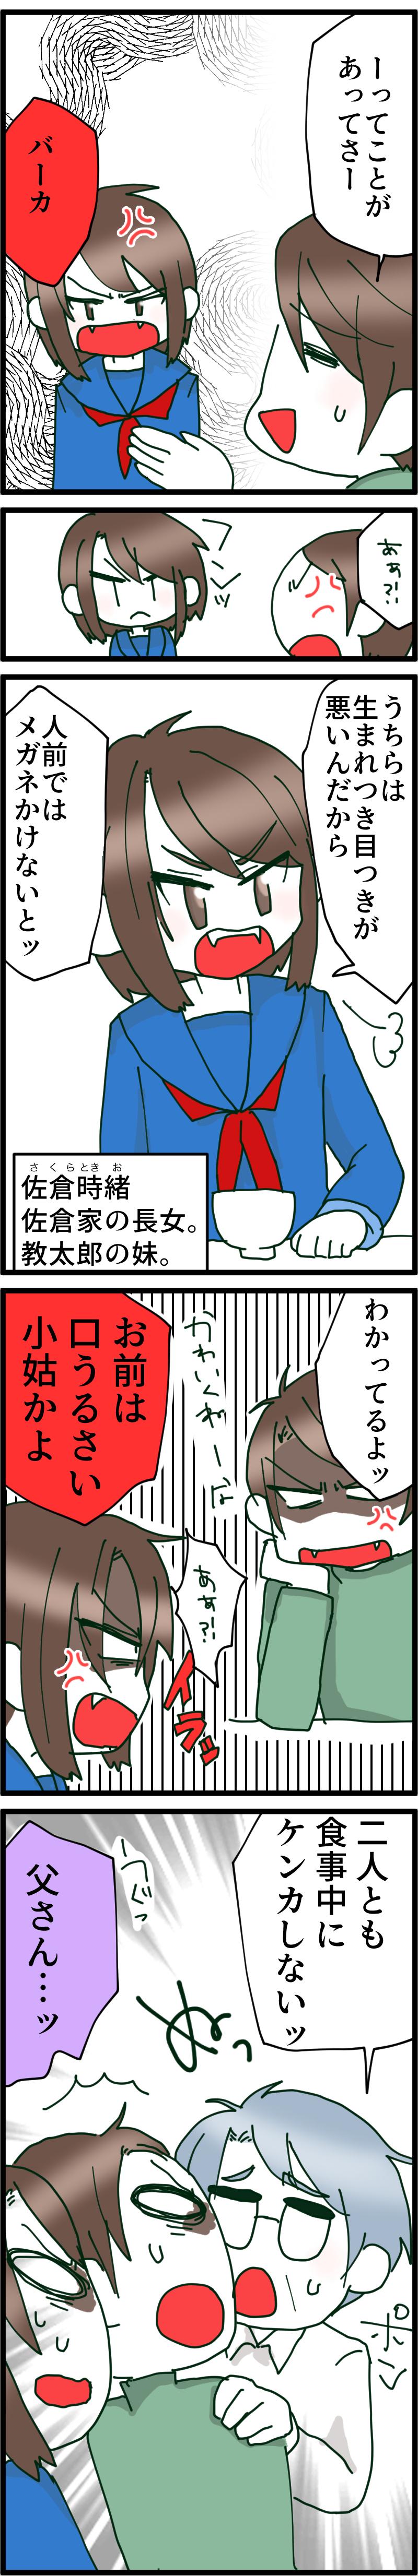 佐倉家の事情2話01